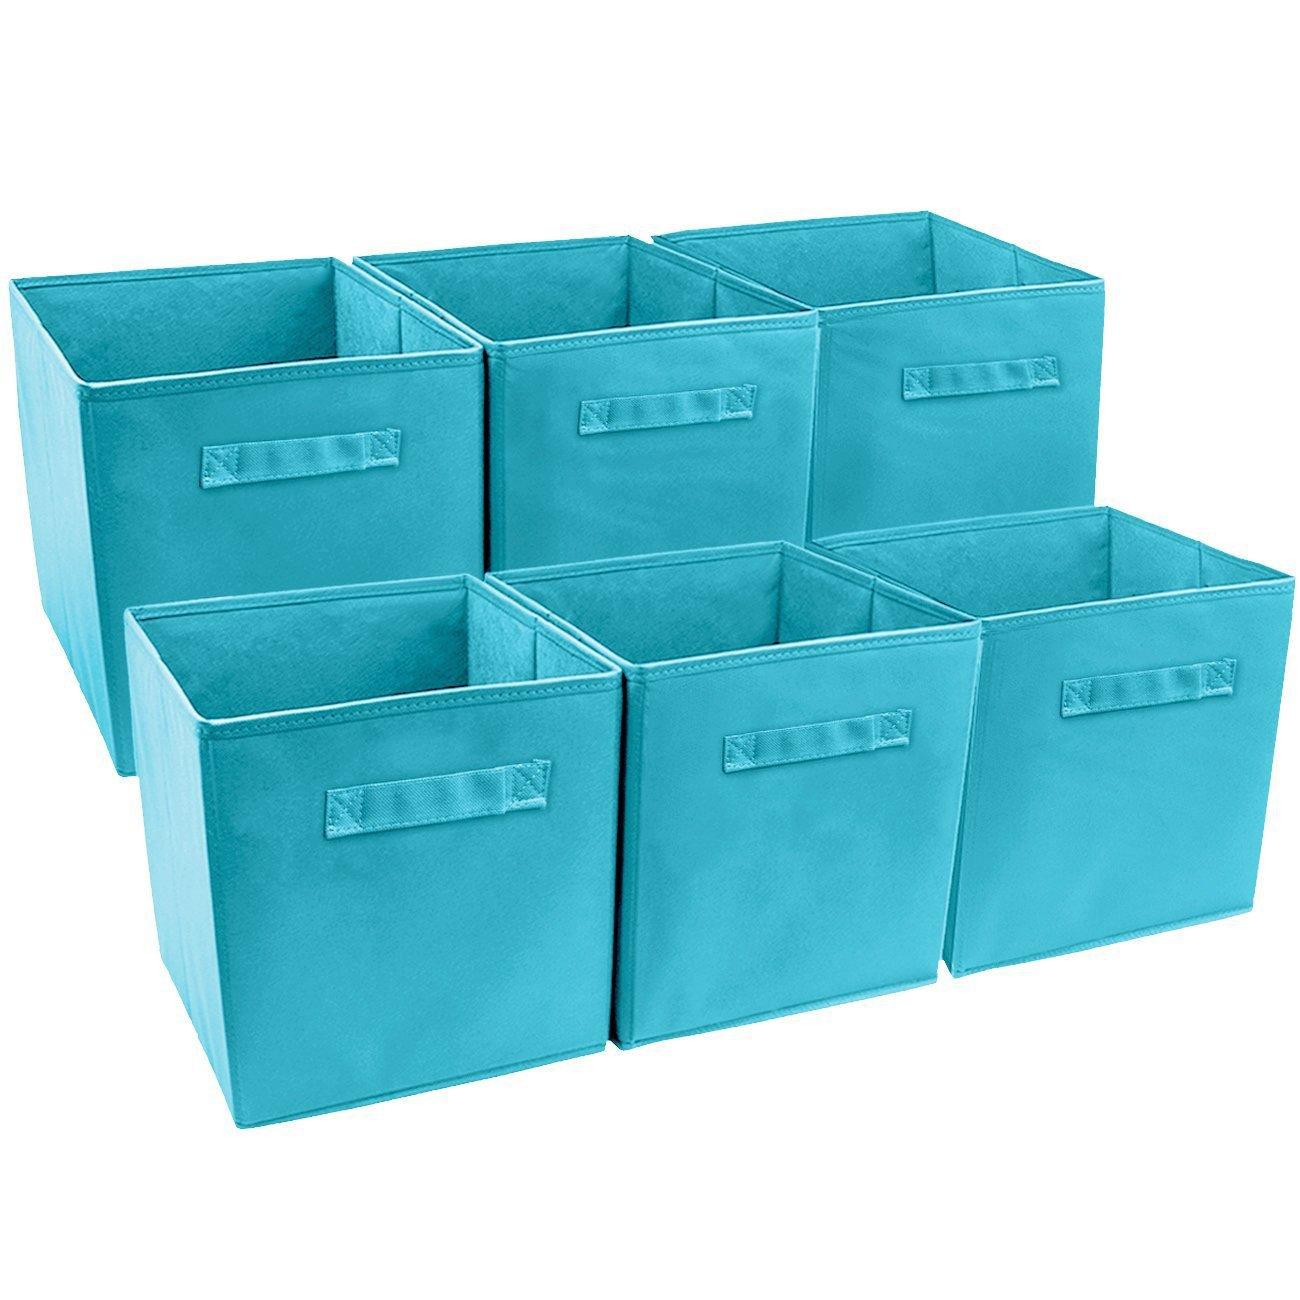 折り畳み可能な布製の収納ボックス、家庭用クローゼットベッドルームオフィスに適した2つの家庭用クローゼット保育用引き出しオーガナイザー、ブラック6パック (色 : 青) B07DVKNVZ1 青 青